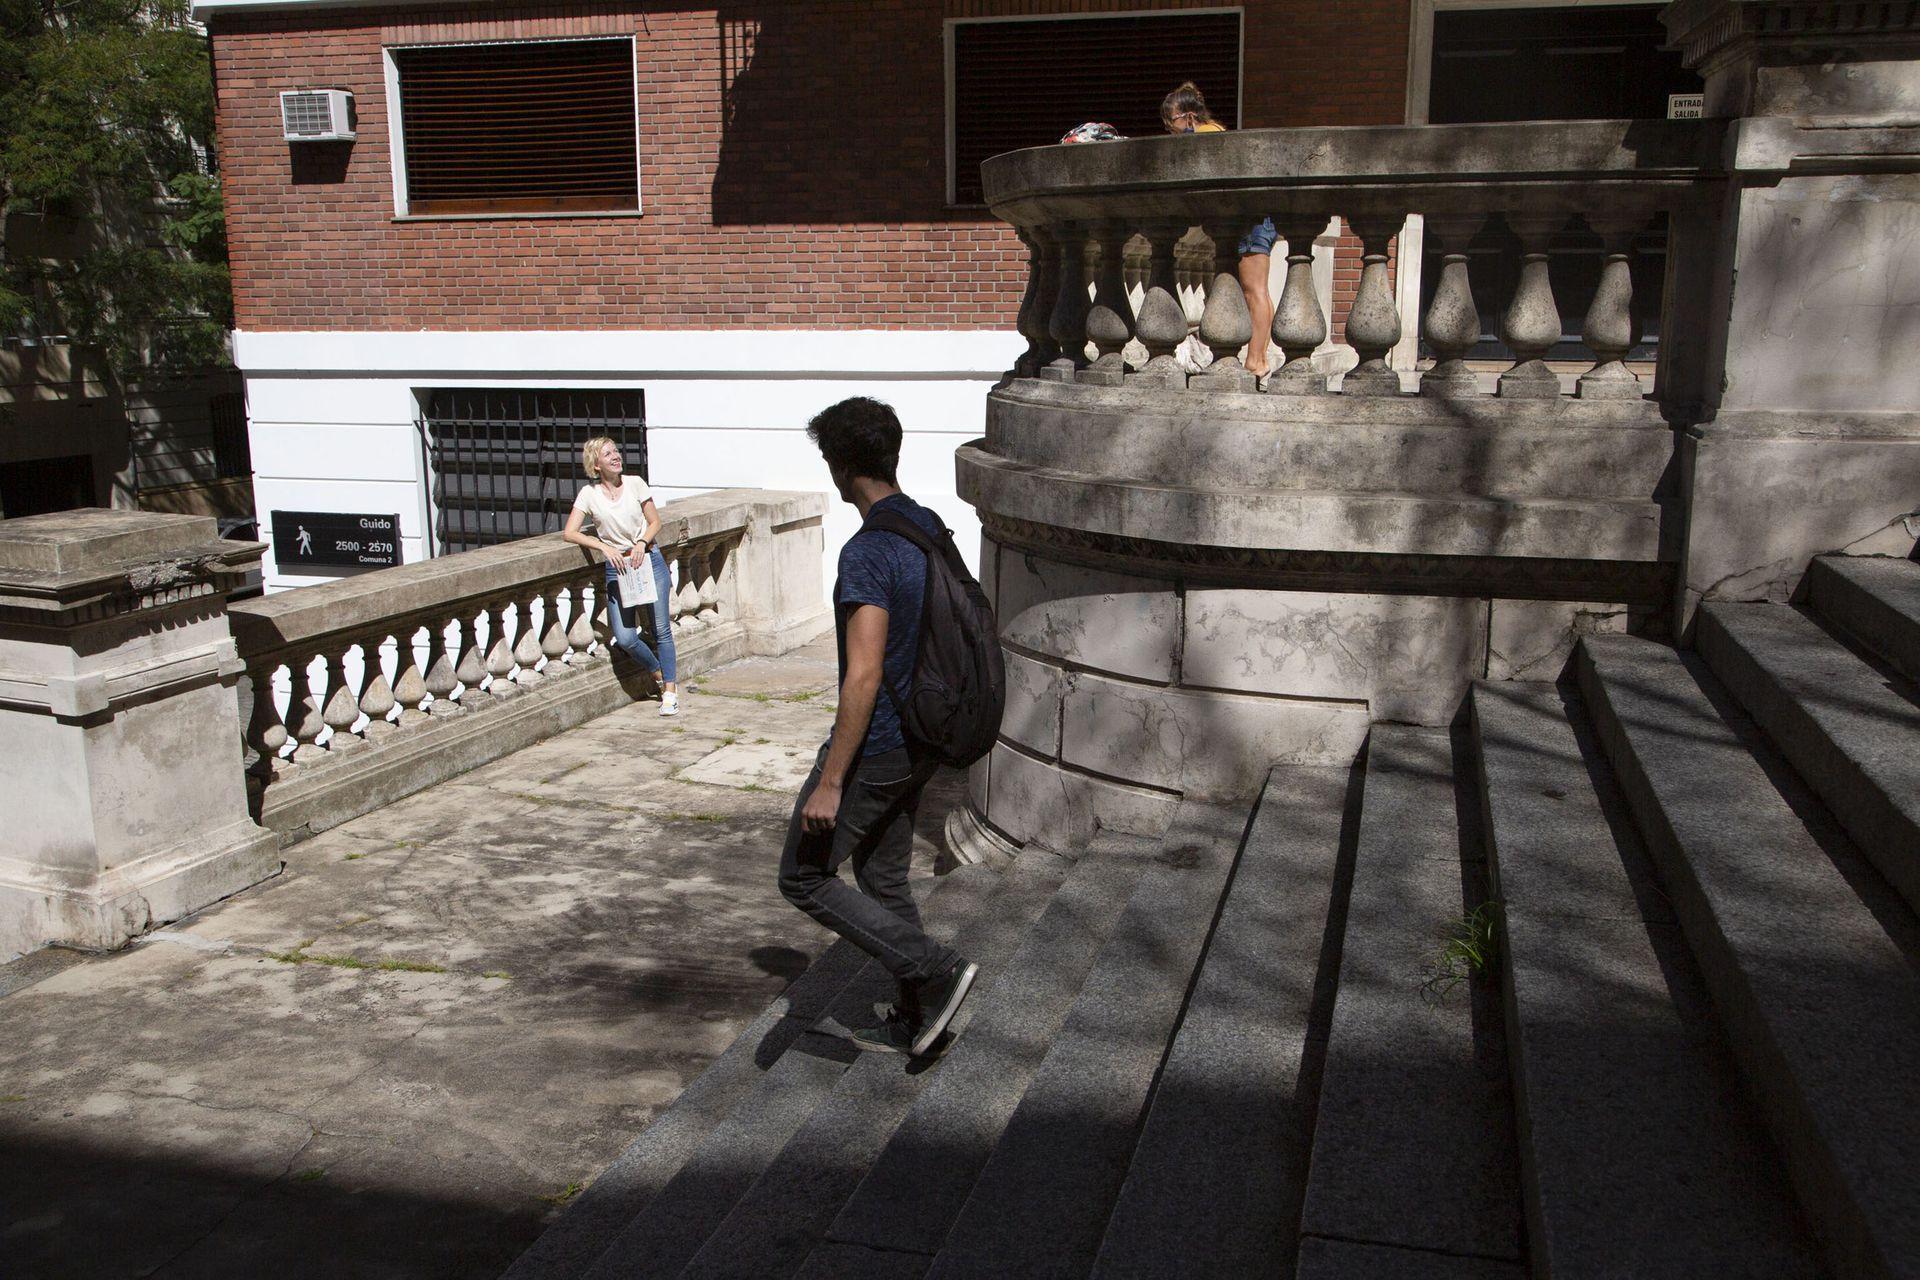 Escaleras que son una pausa en medio de la ciudad